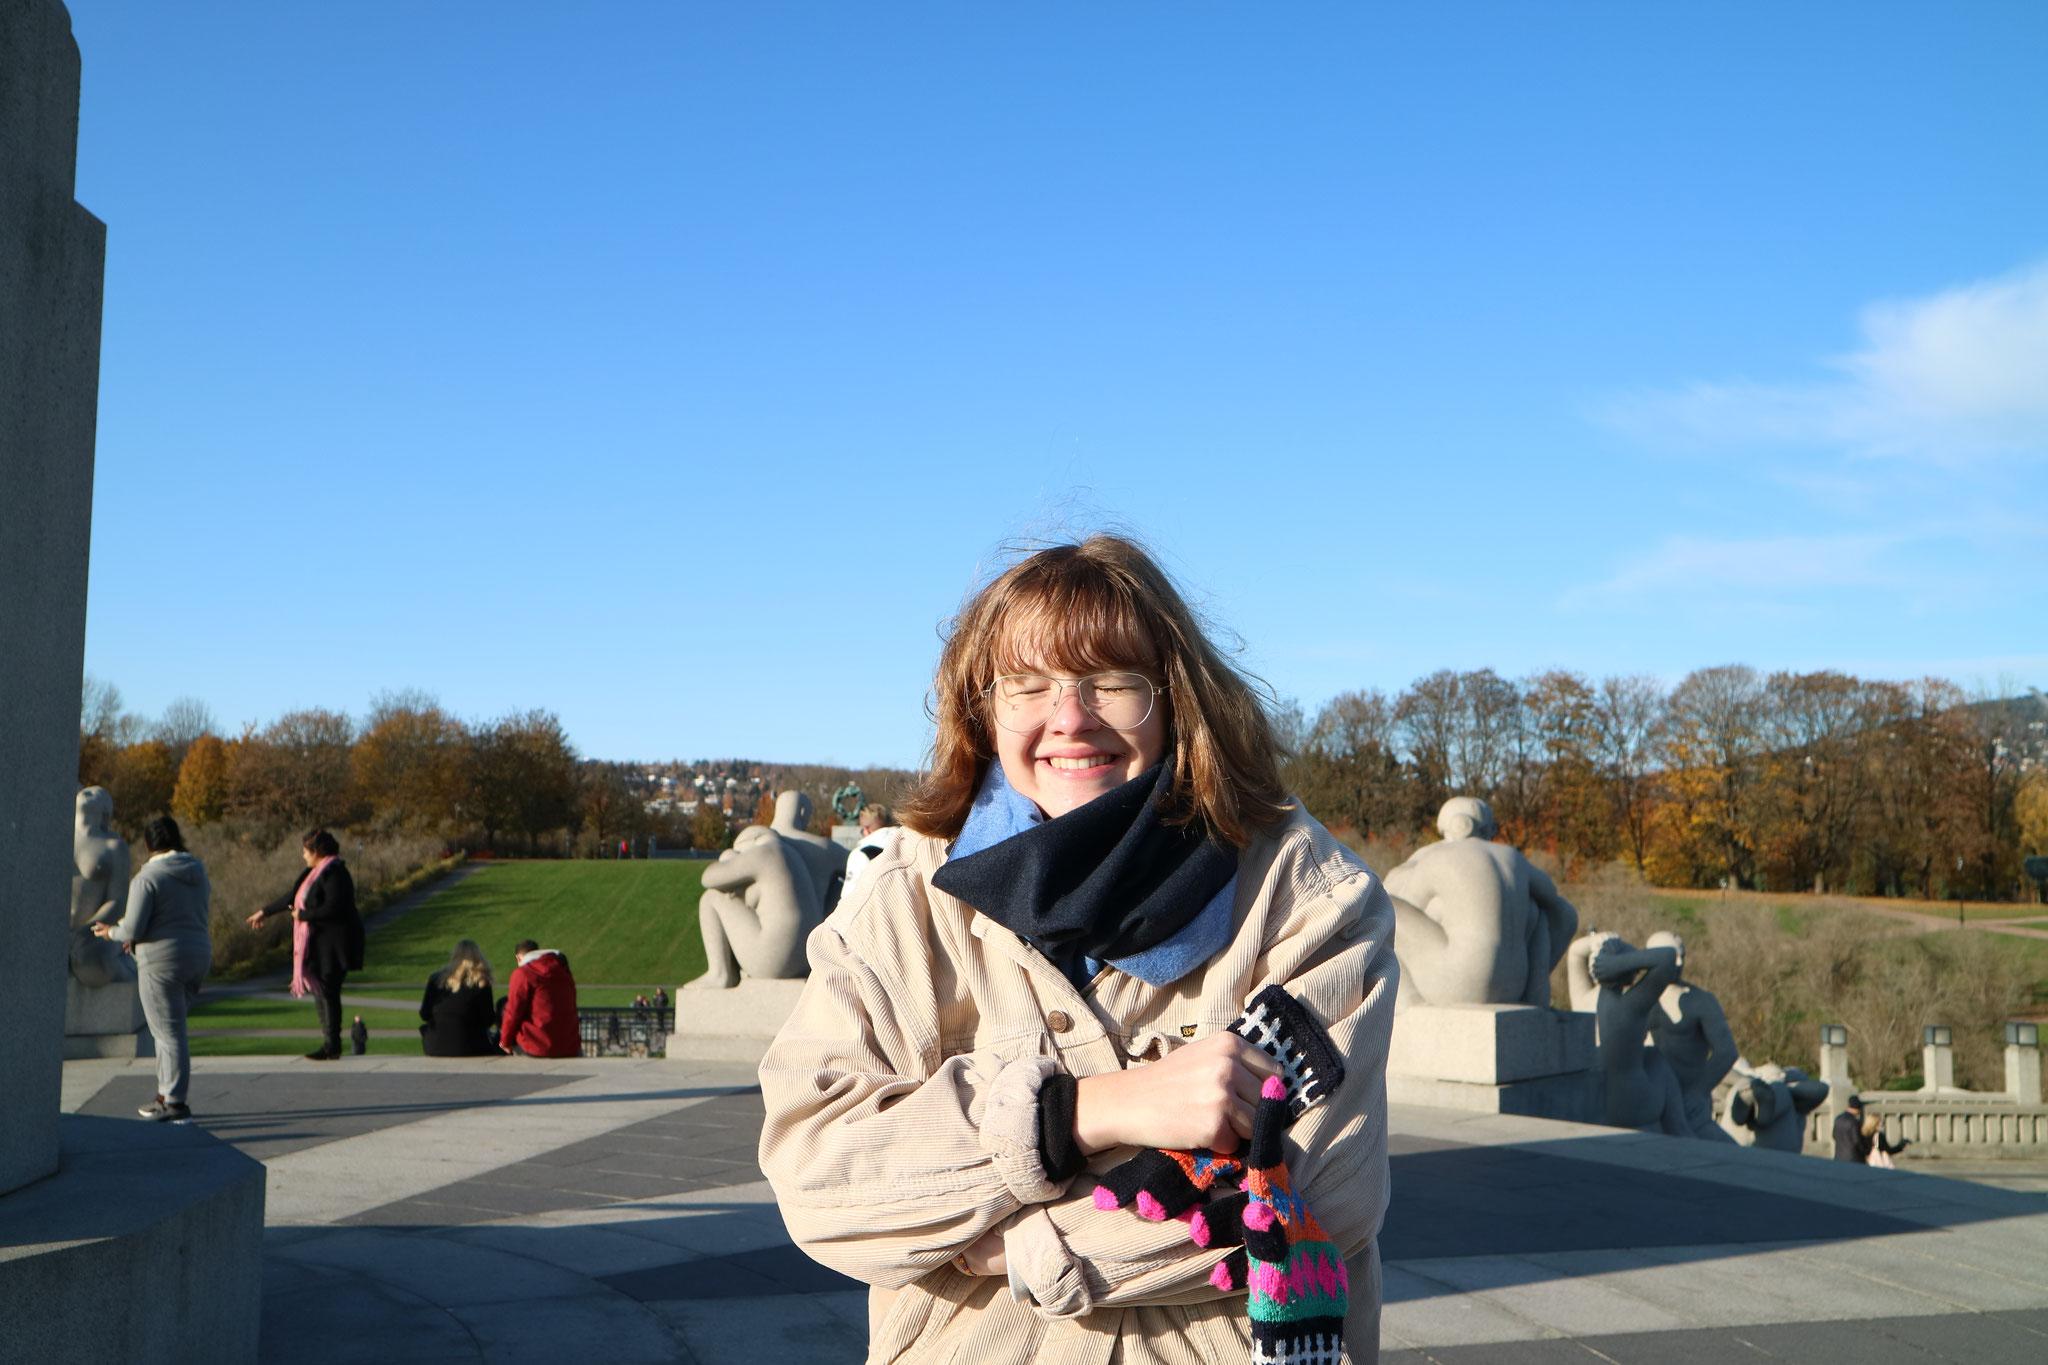 Claire im Vigelandsparken, einer unserer Lieblingsplätze in Oslo